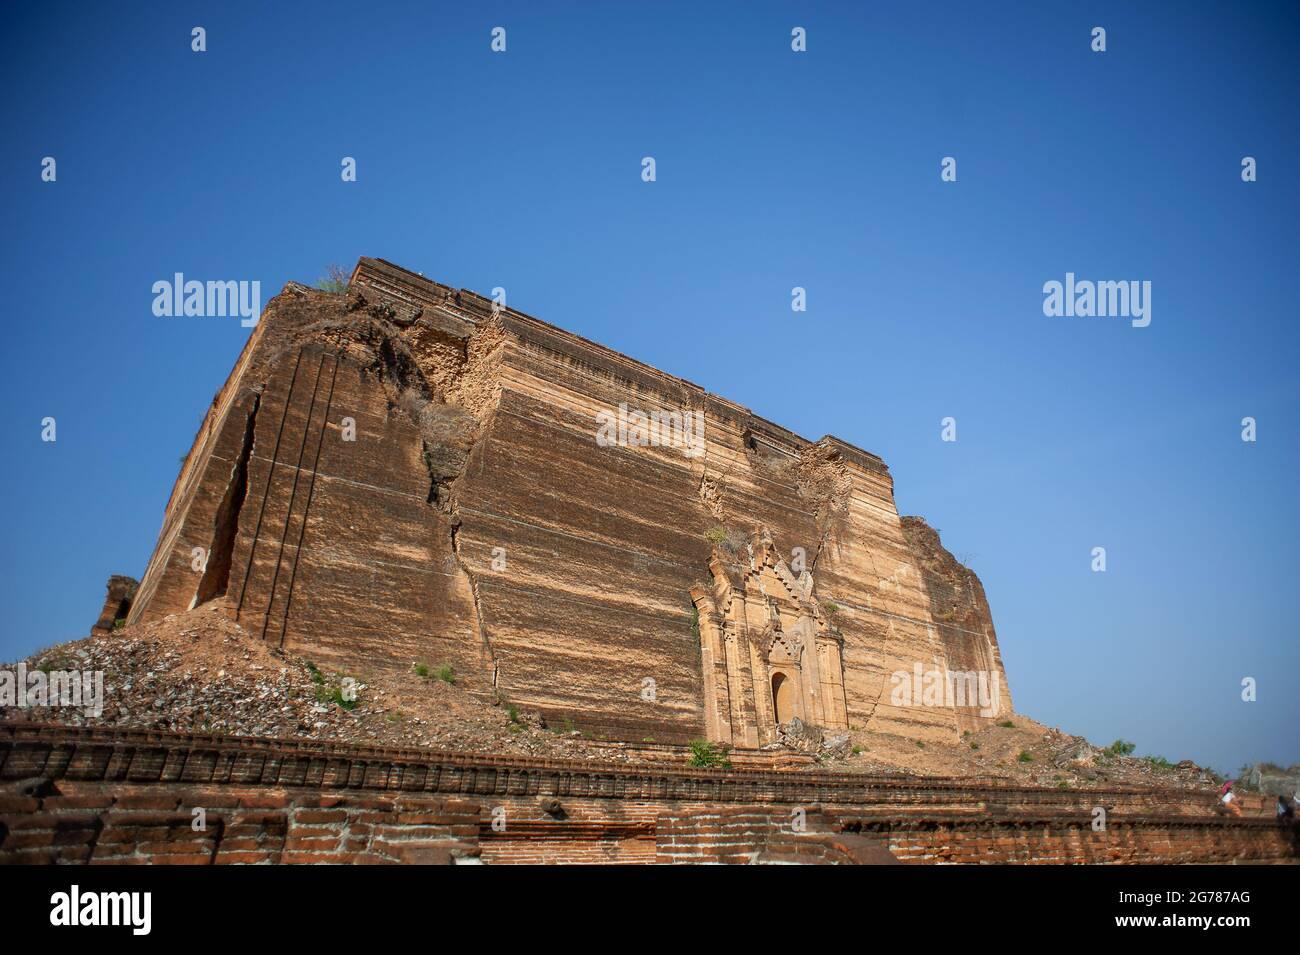 Détruit la pagode de Mingun Pahtodawgyi près de Mandalay, au Myanmar. Commencé en 1790, il n'a jamais été fini après un tremblement de terre dévastateur en 1839 Banque D'Images